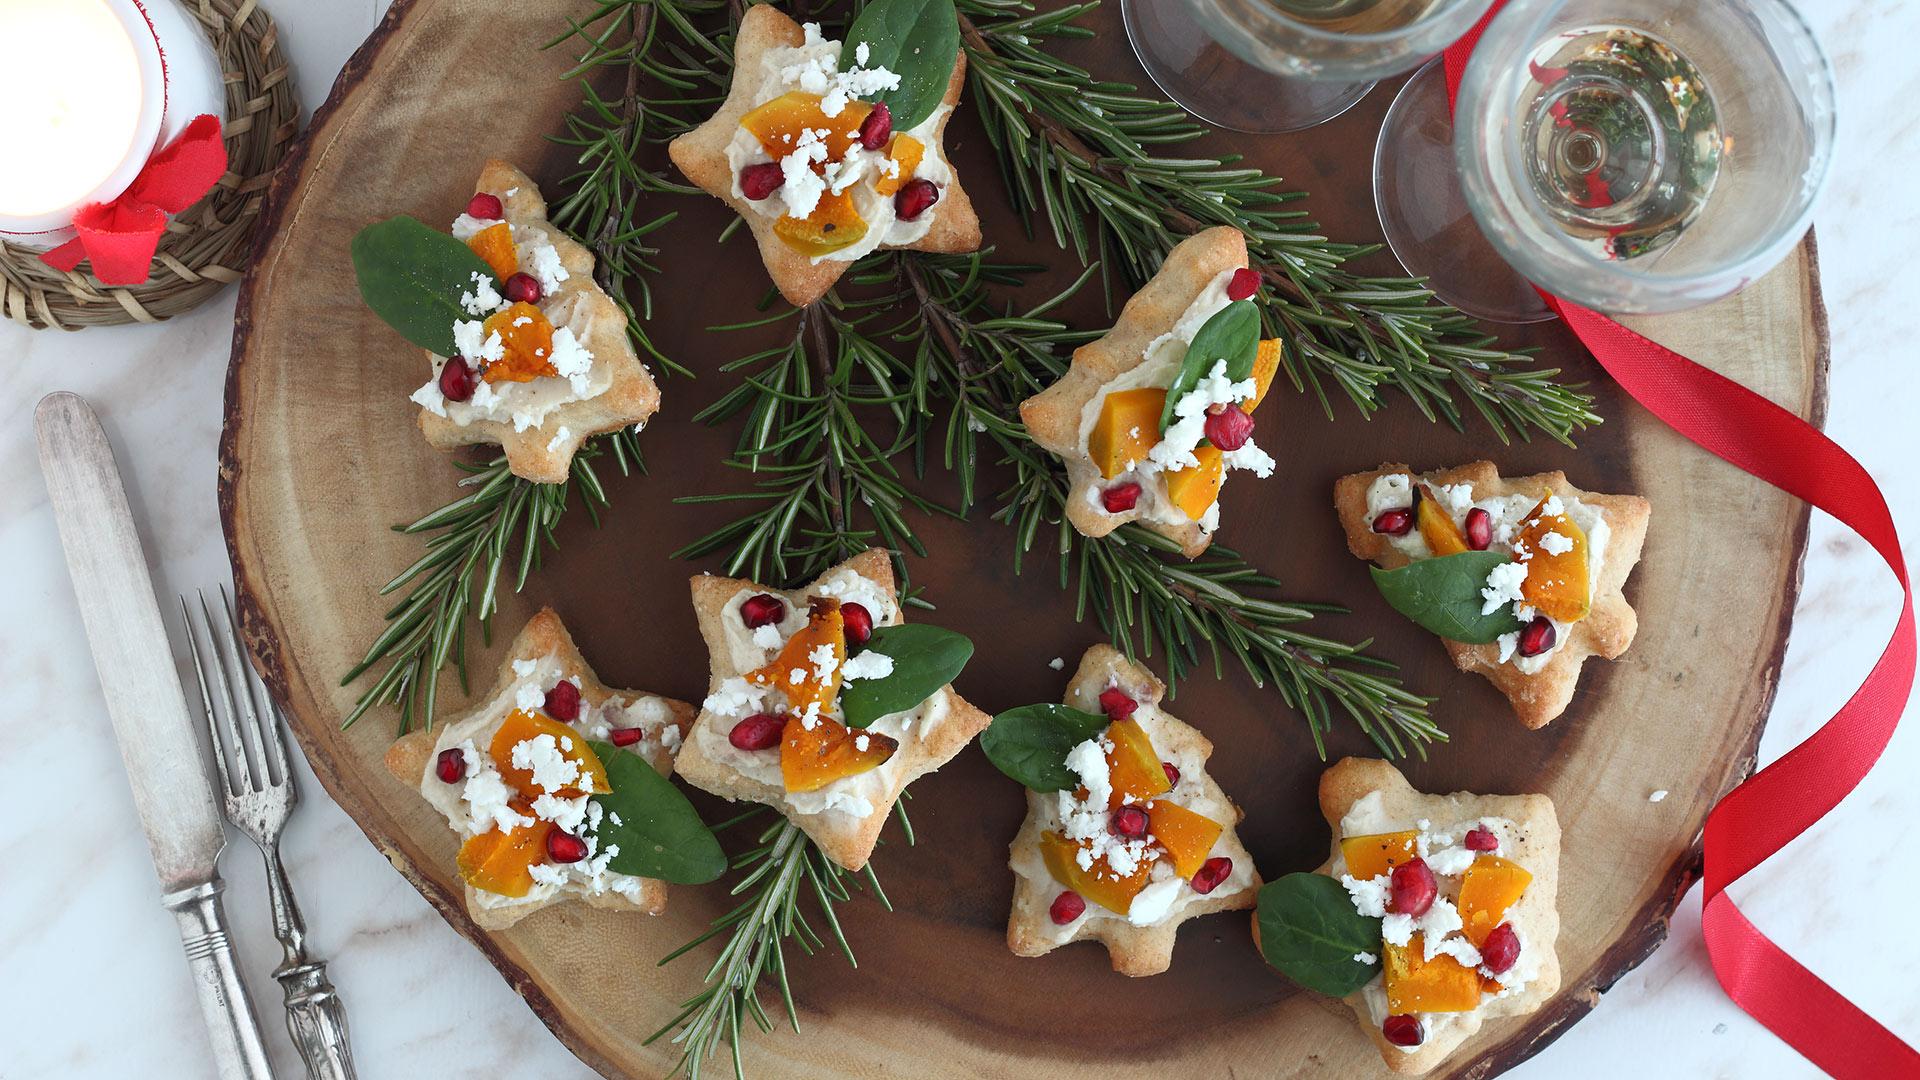 Antipasti Veloci Di Natale.Pizzette Veloci Con Hummus Zucca E Melagrana Antipasto Di Natale E Capodanno Ricettevegolose